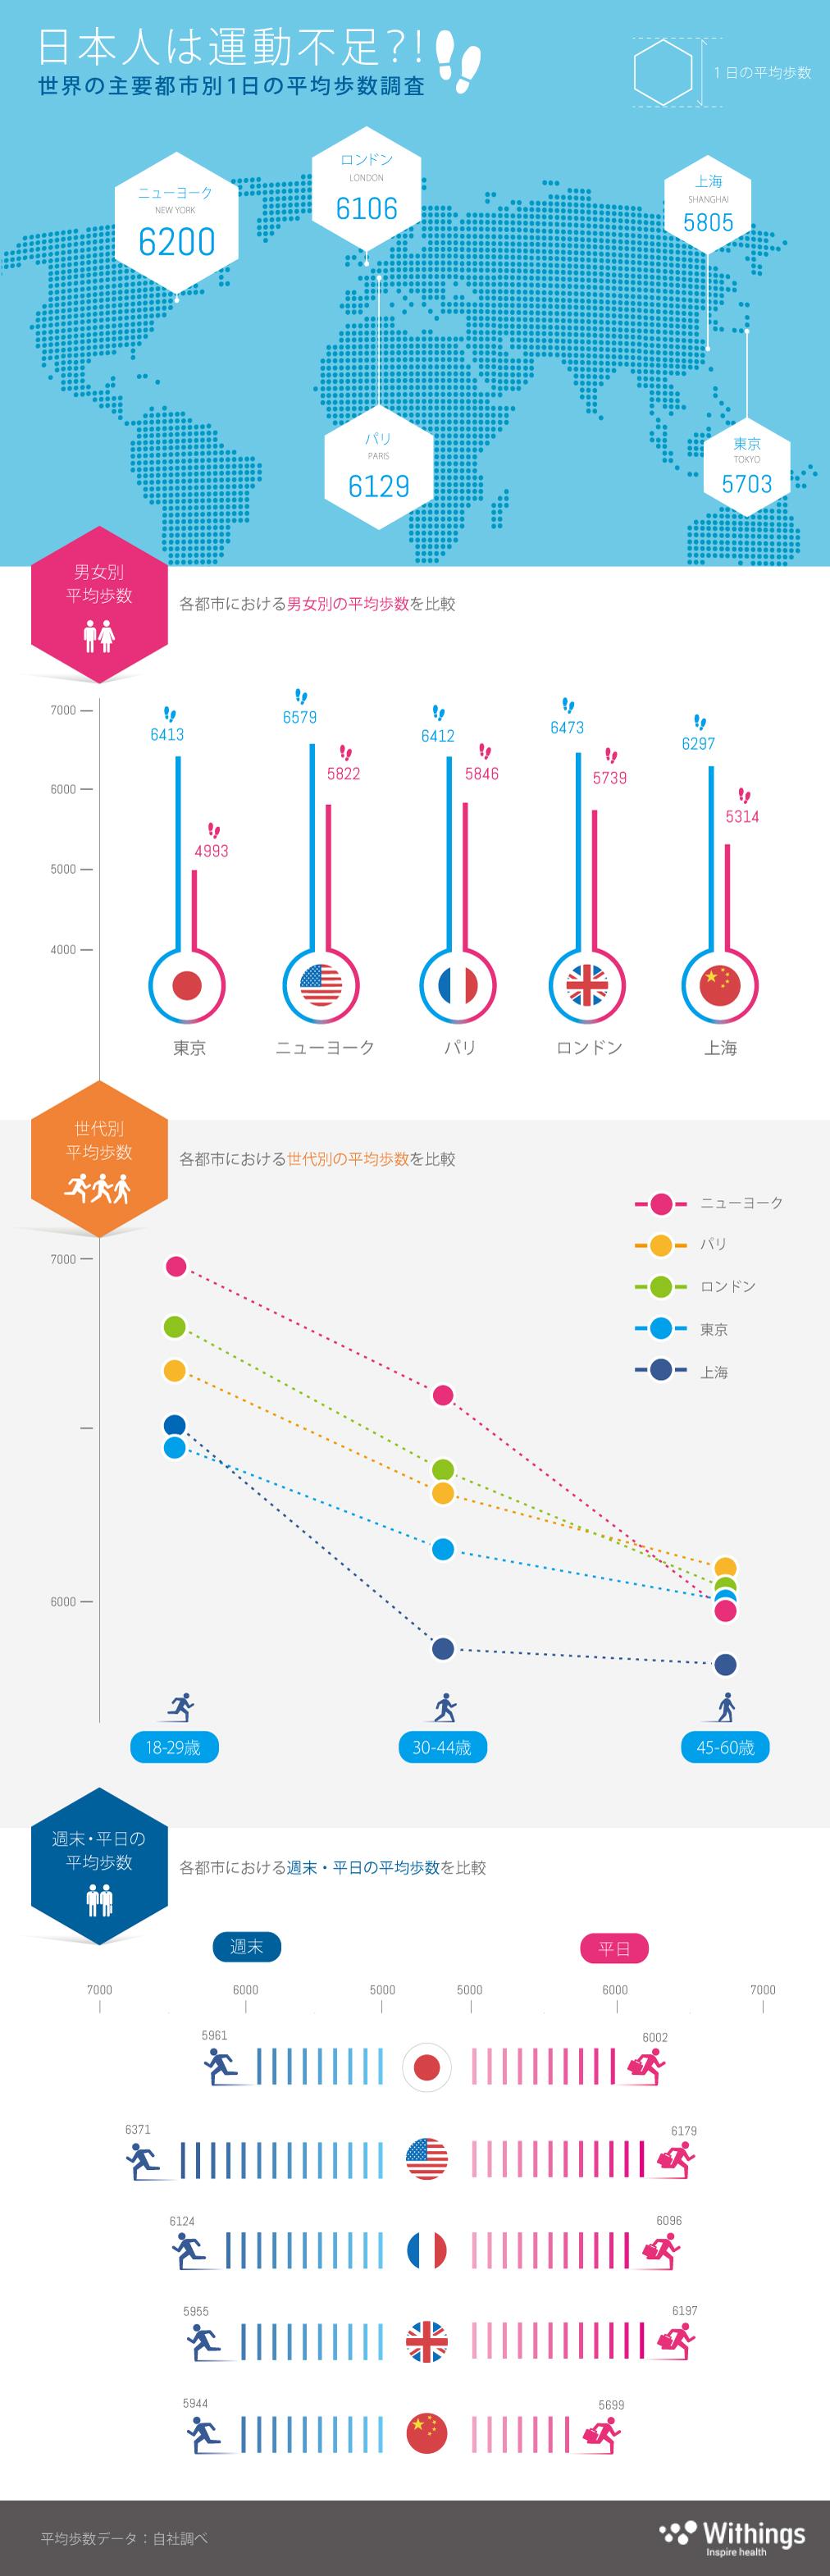 日本人は運動不足?!世界の主要都市別1日の平均歩数調査